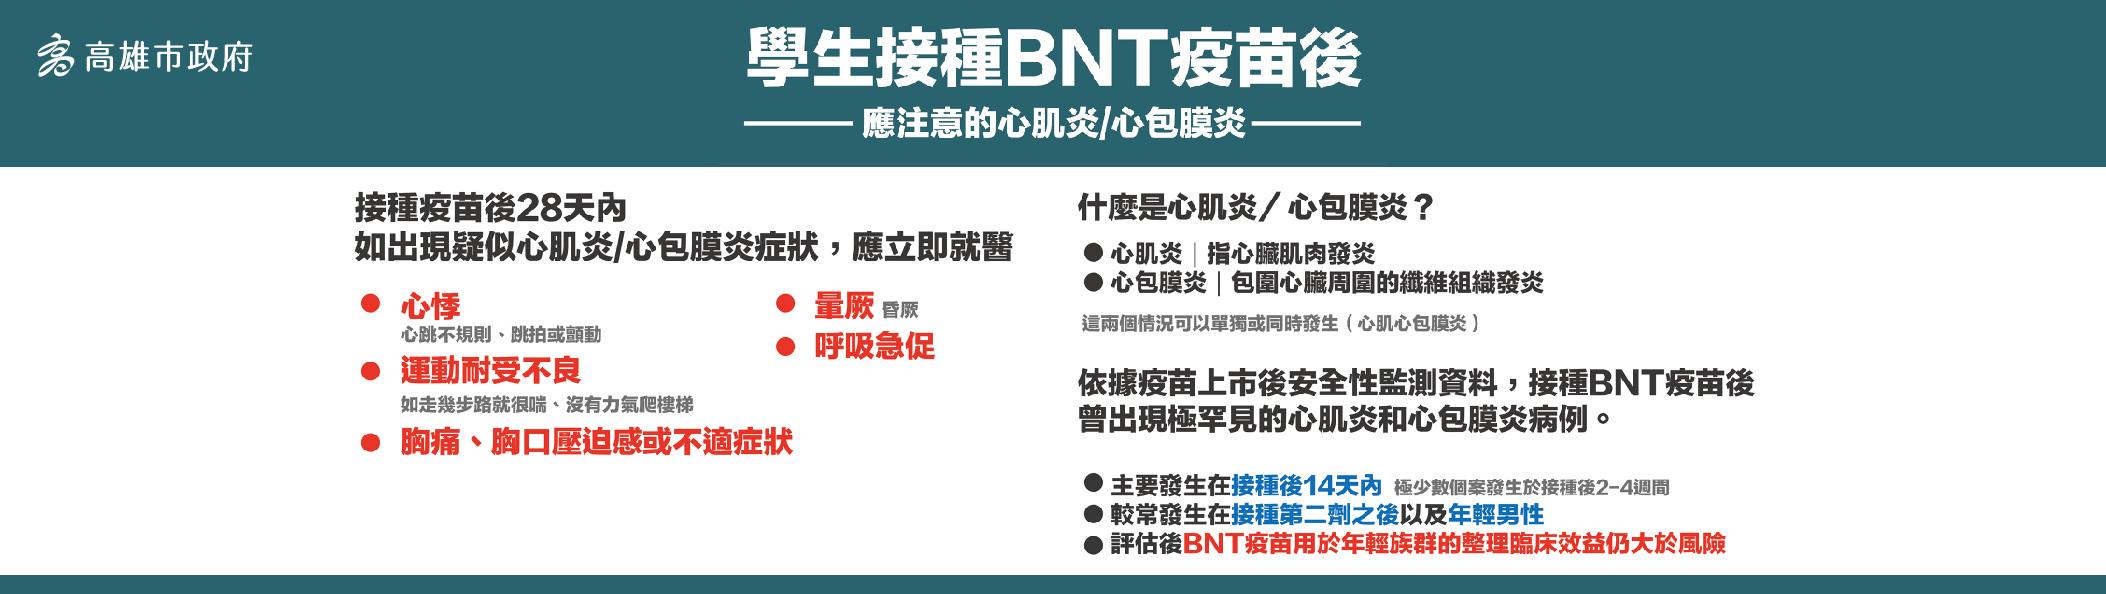 學生接種BNT疫苗後注意事項